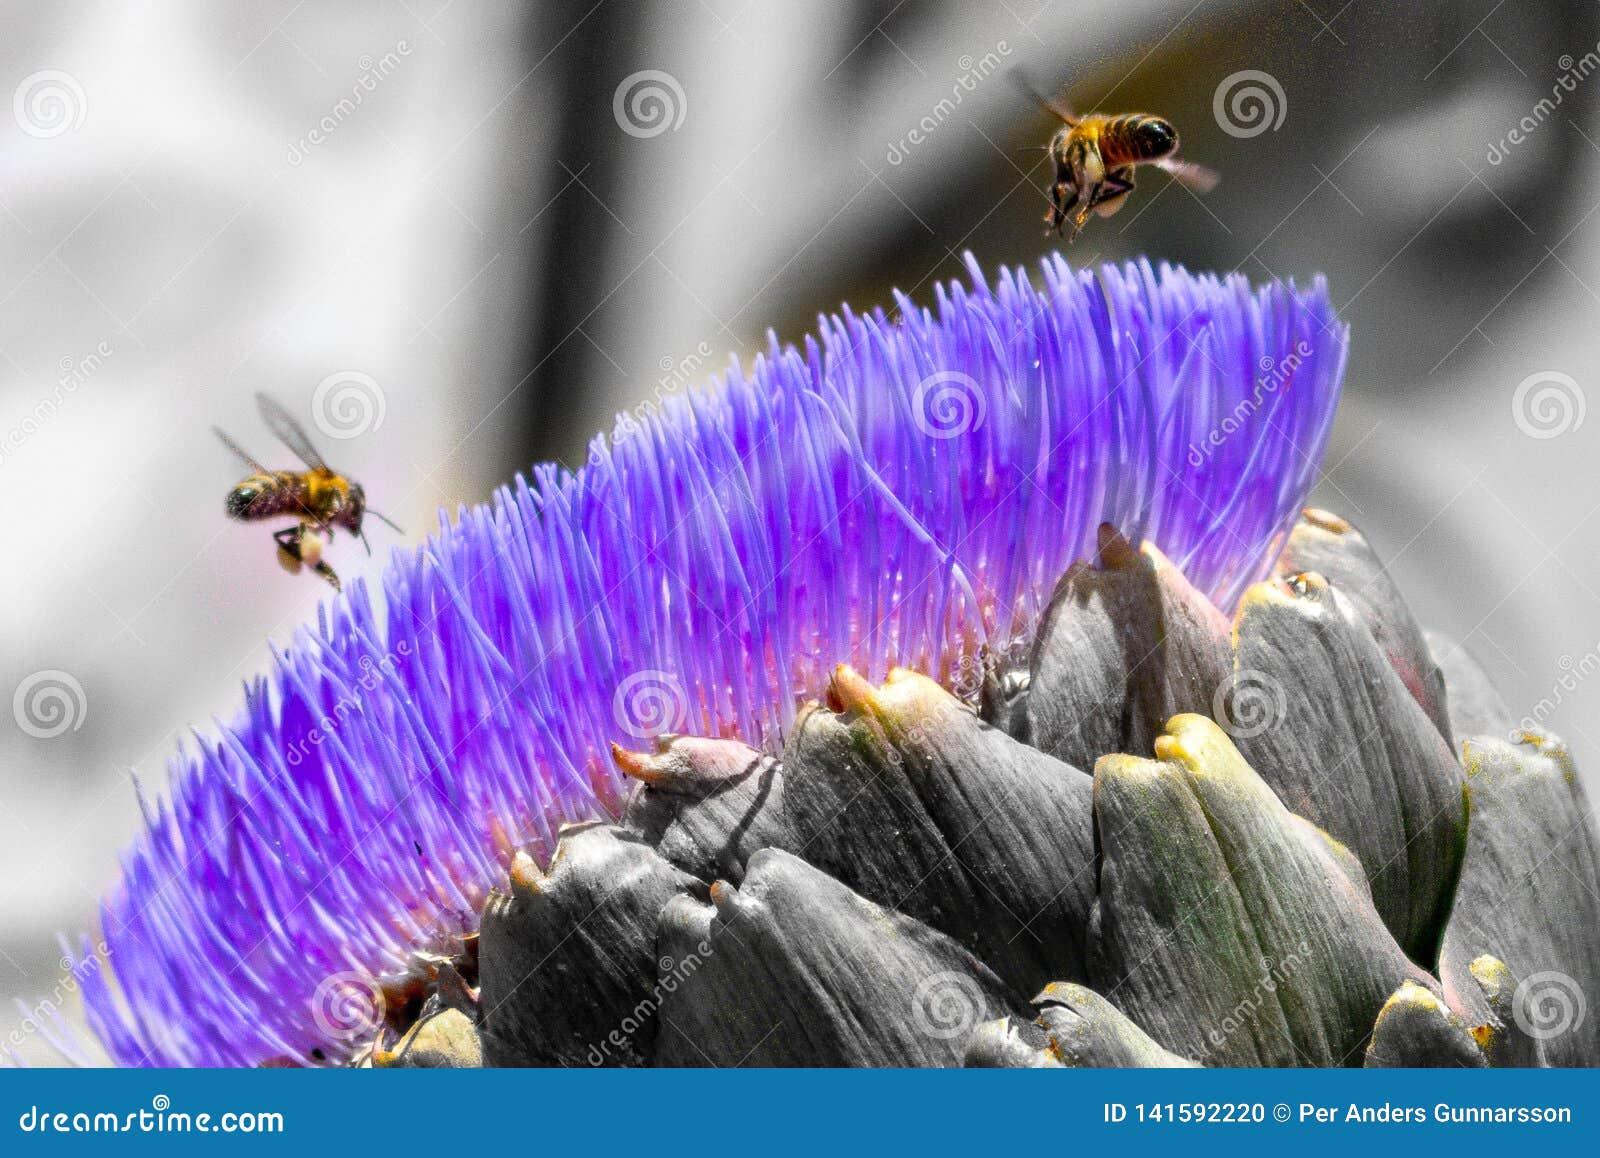 Bijen op artisjokbloem